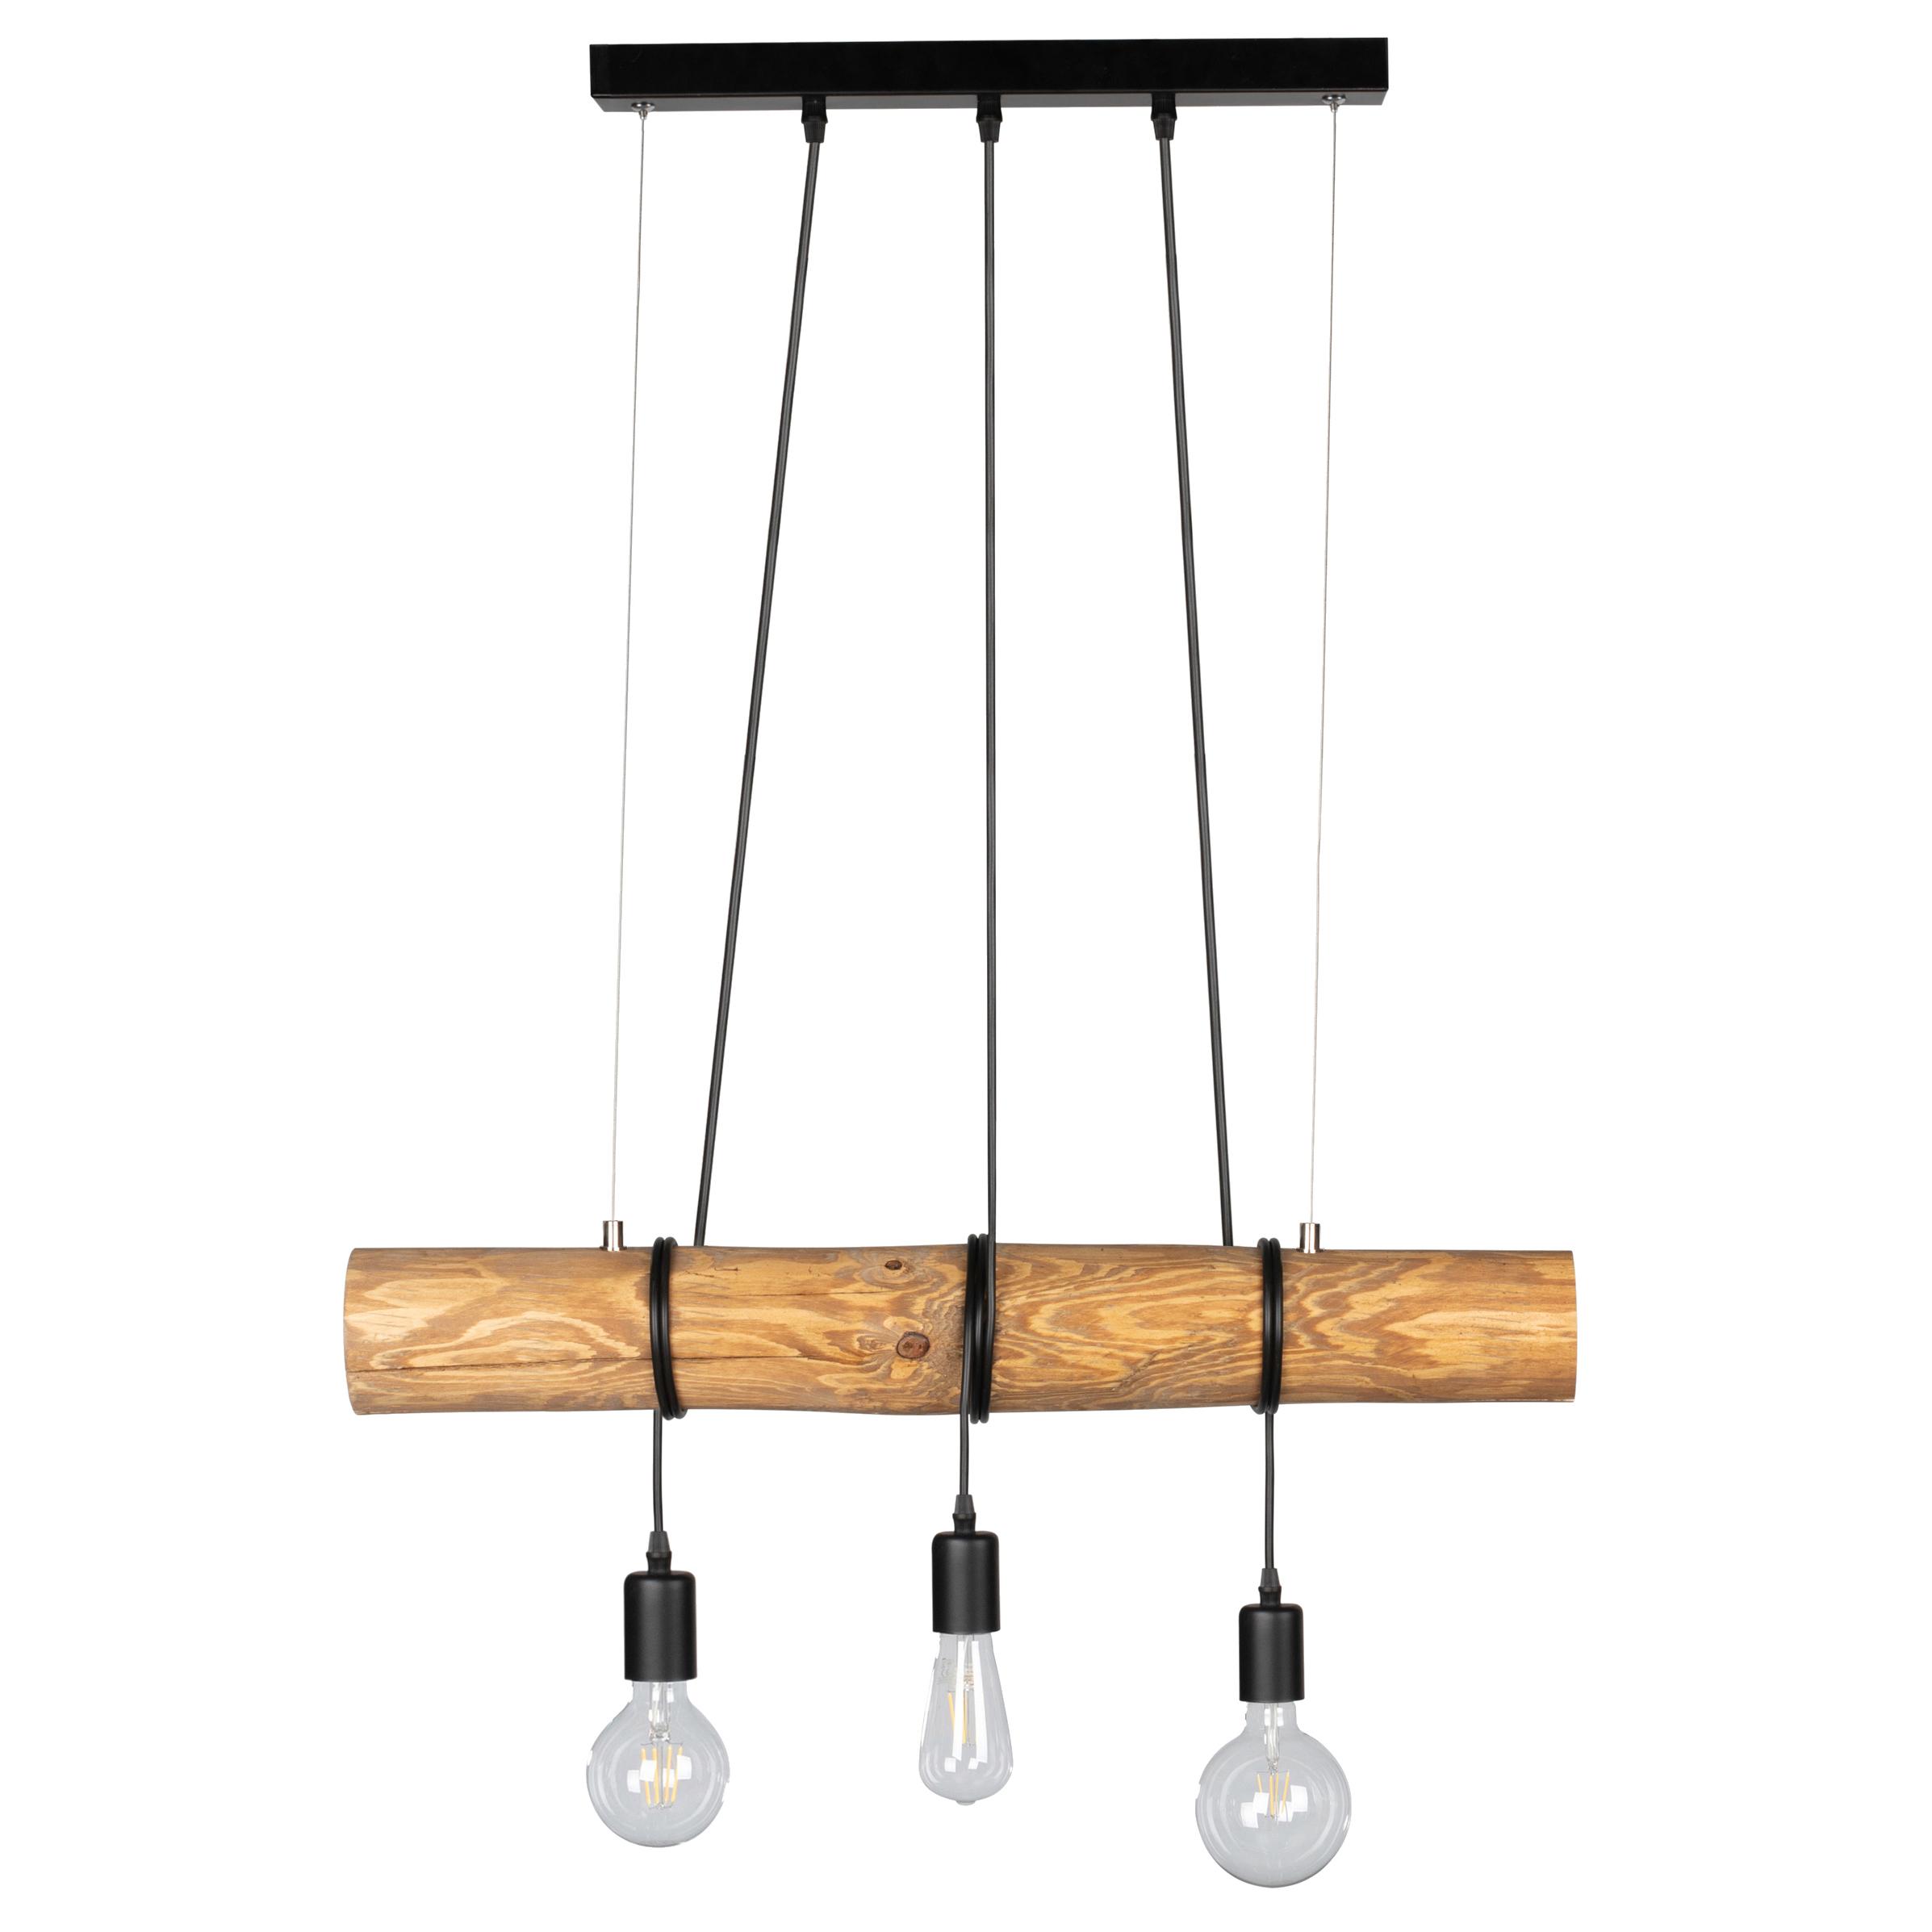 Suspension en bois 3 ampoules